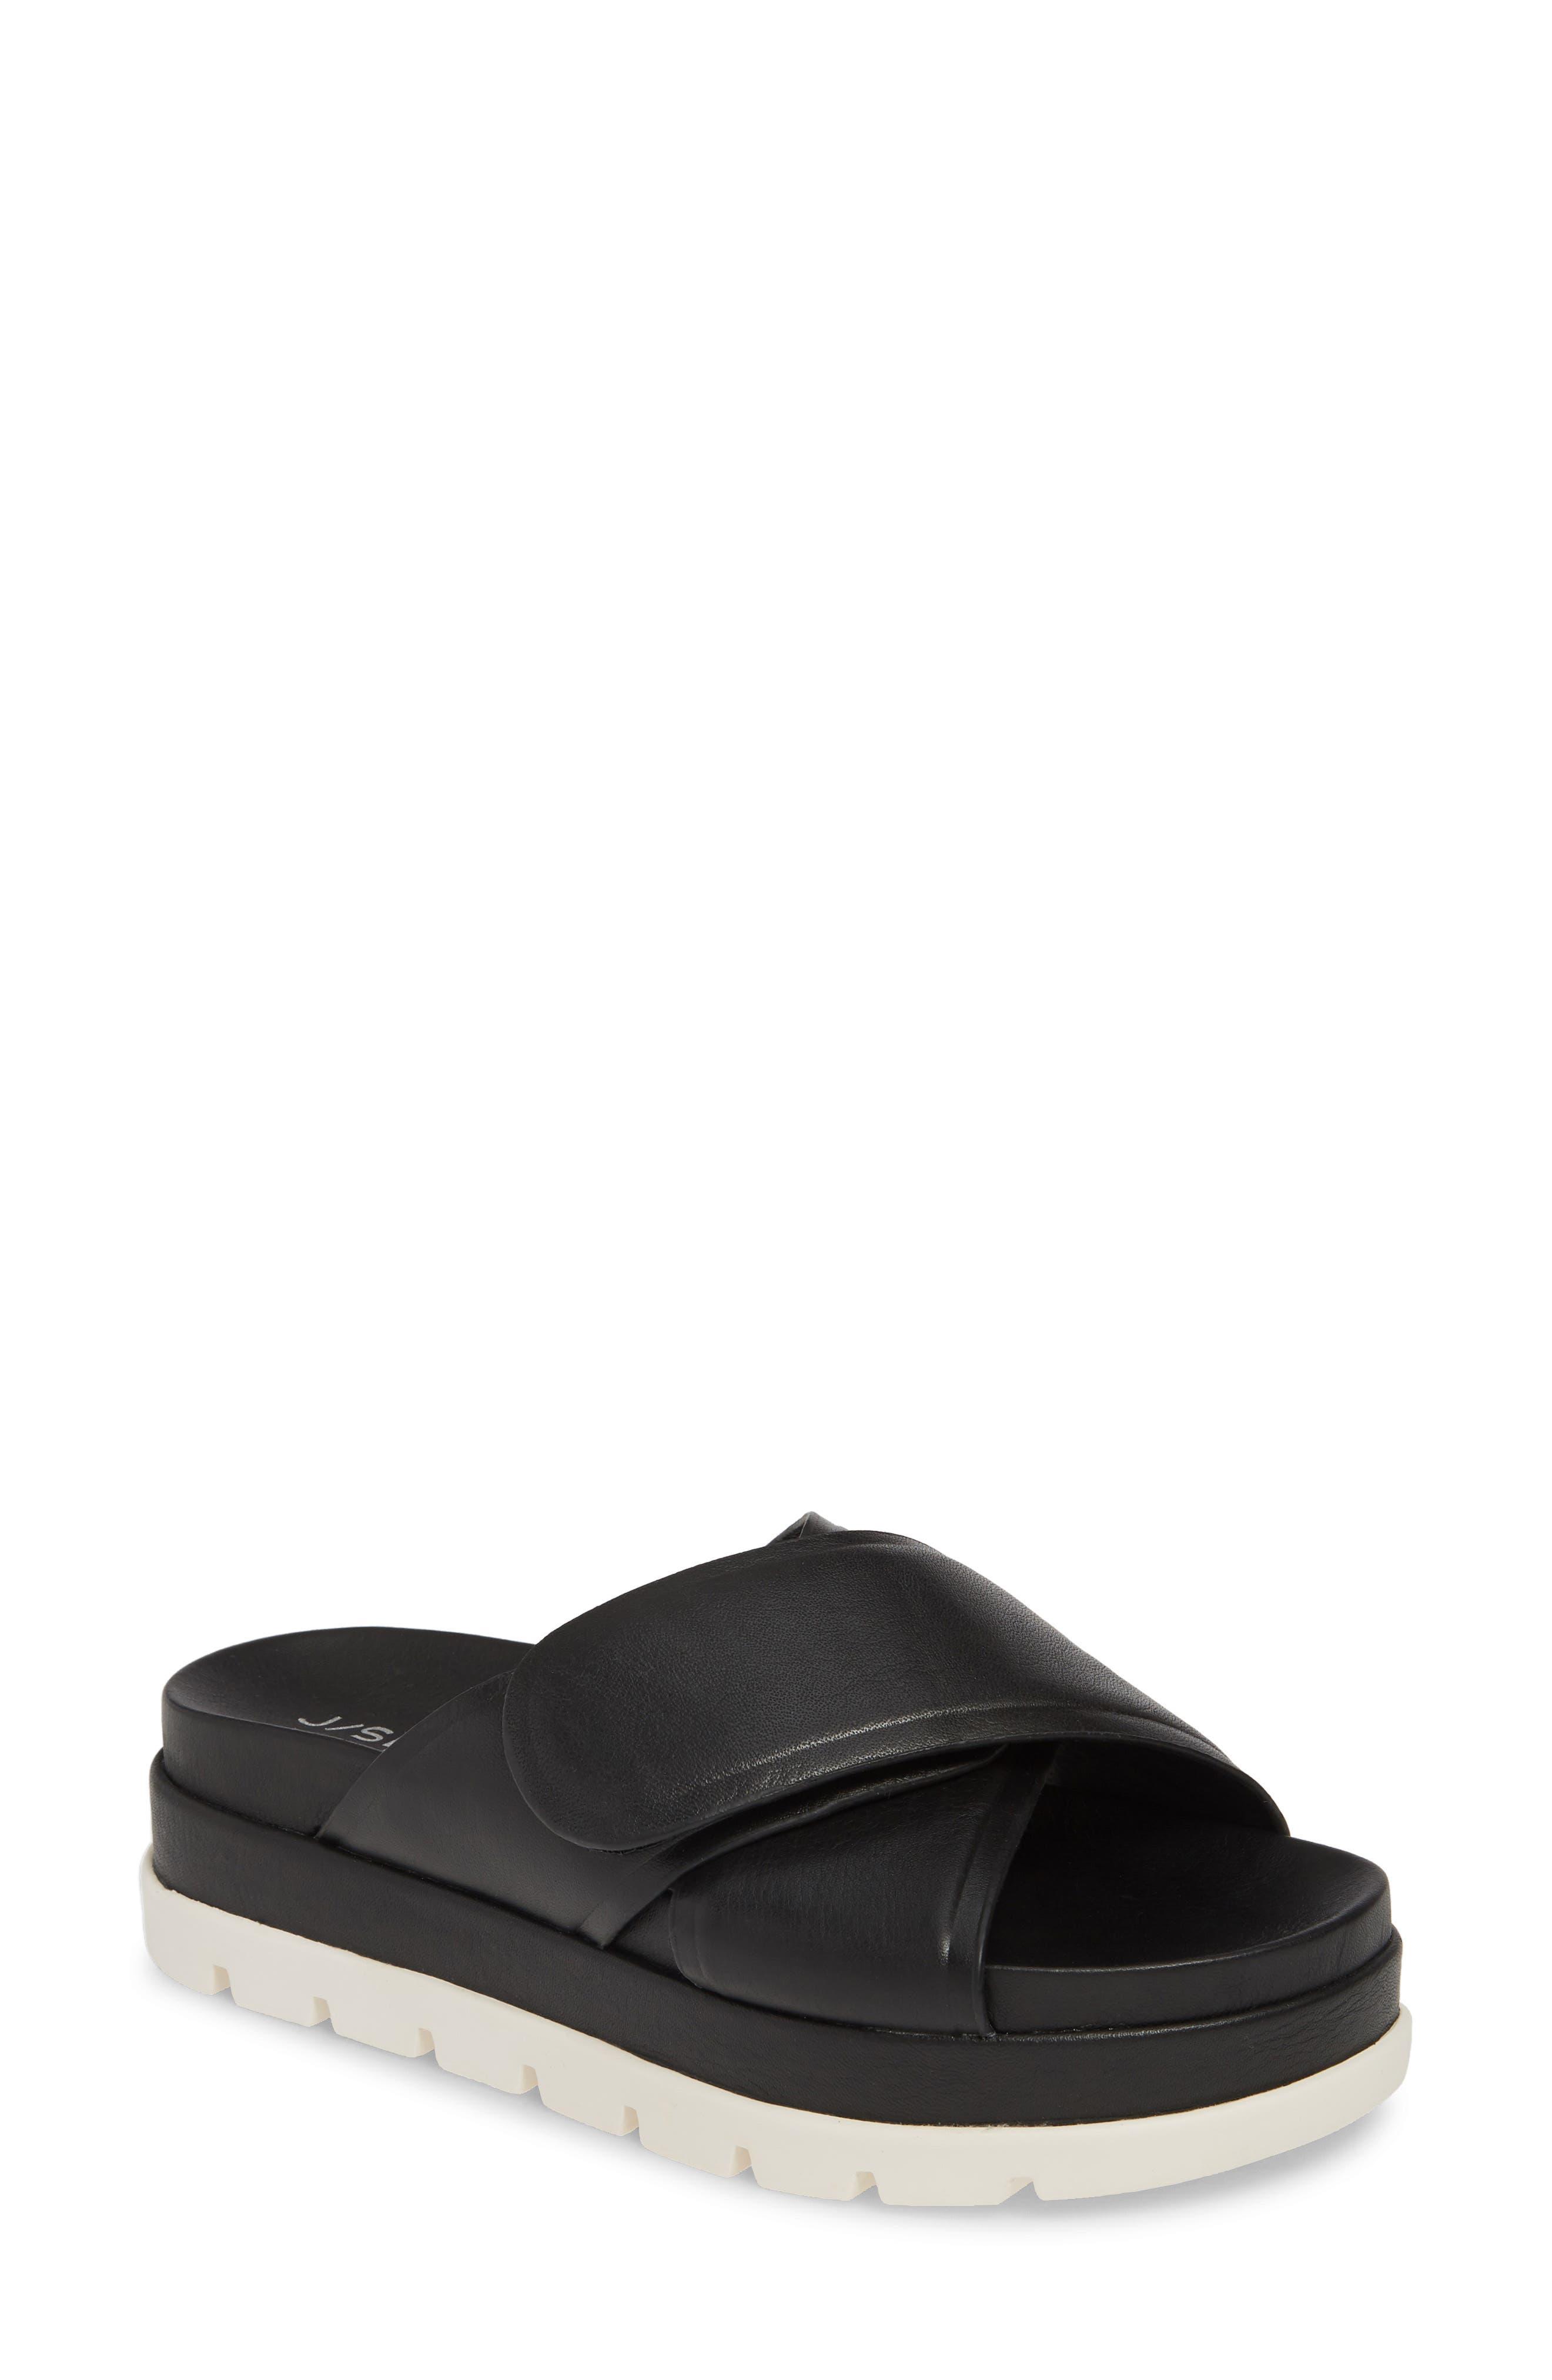 Jslides Bella Platform Slide Sandal, Black